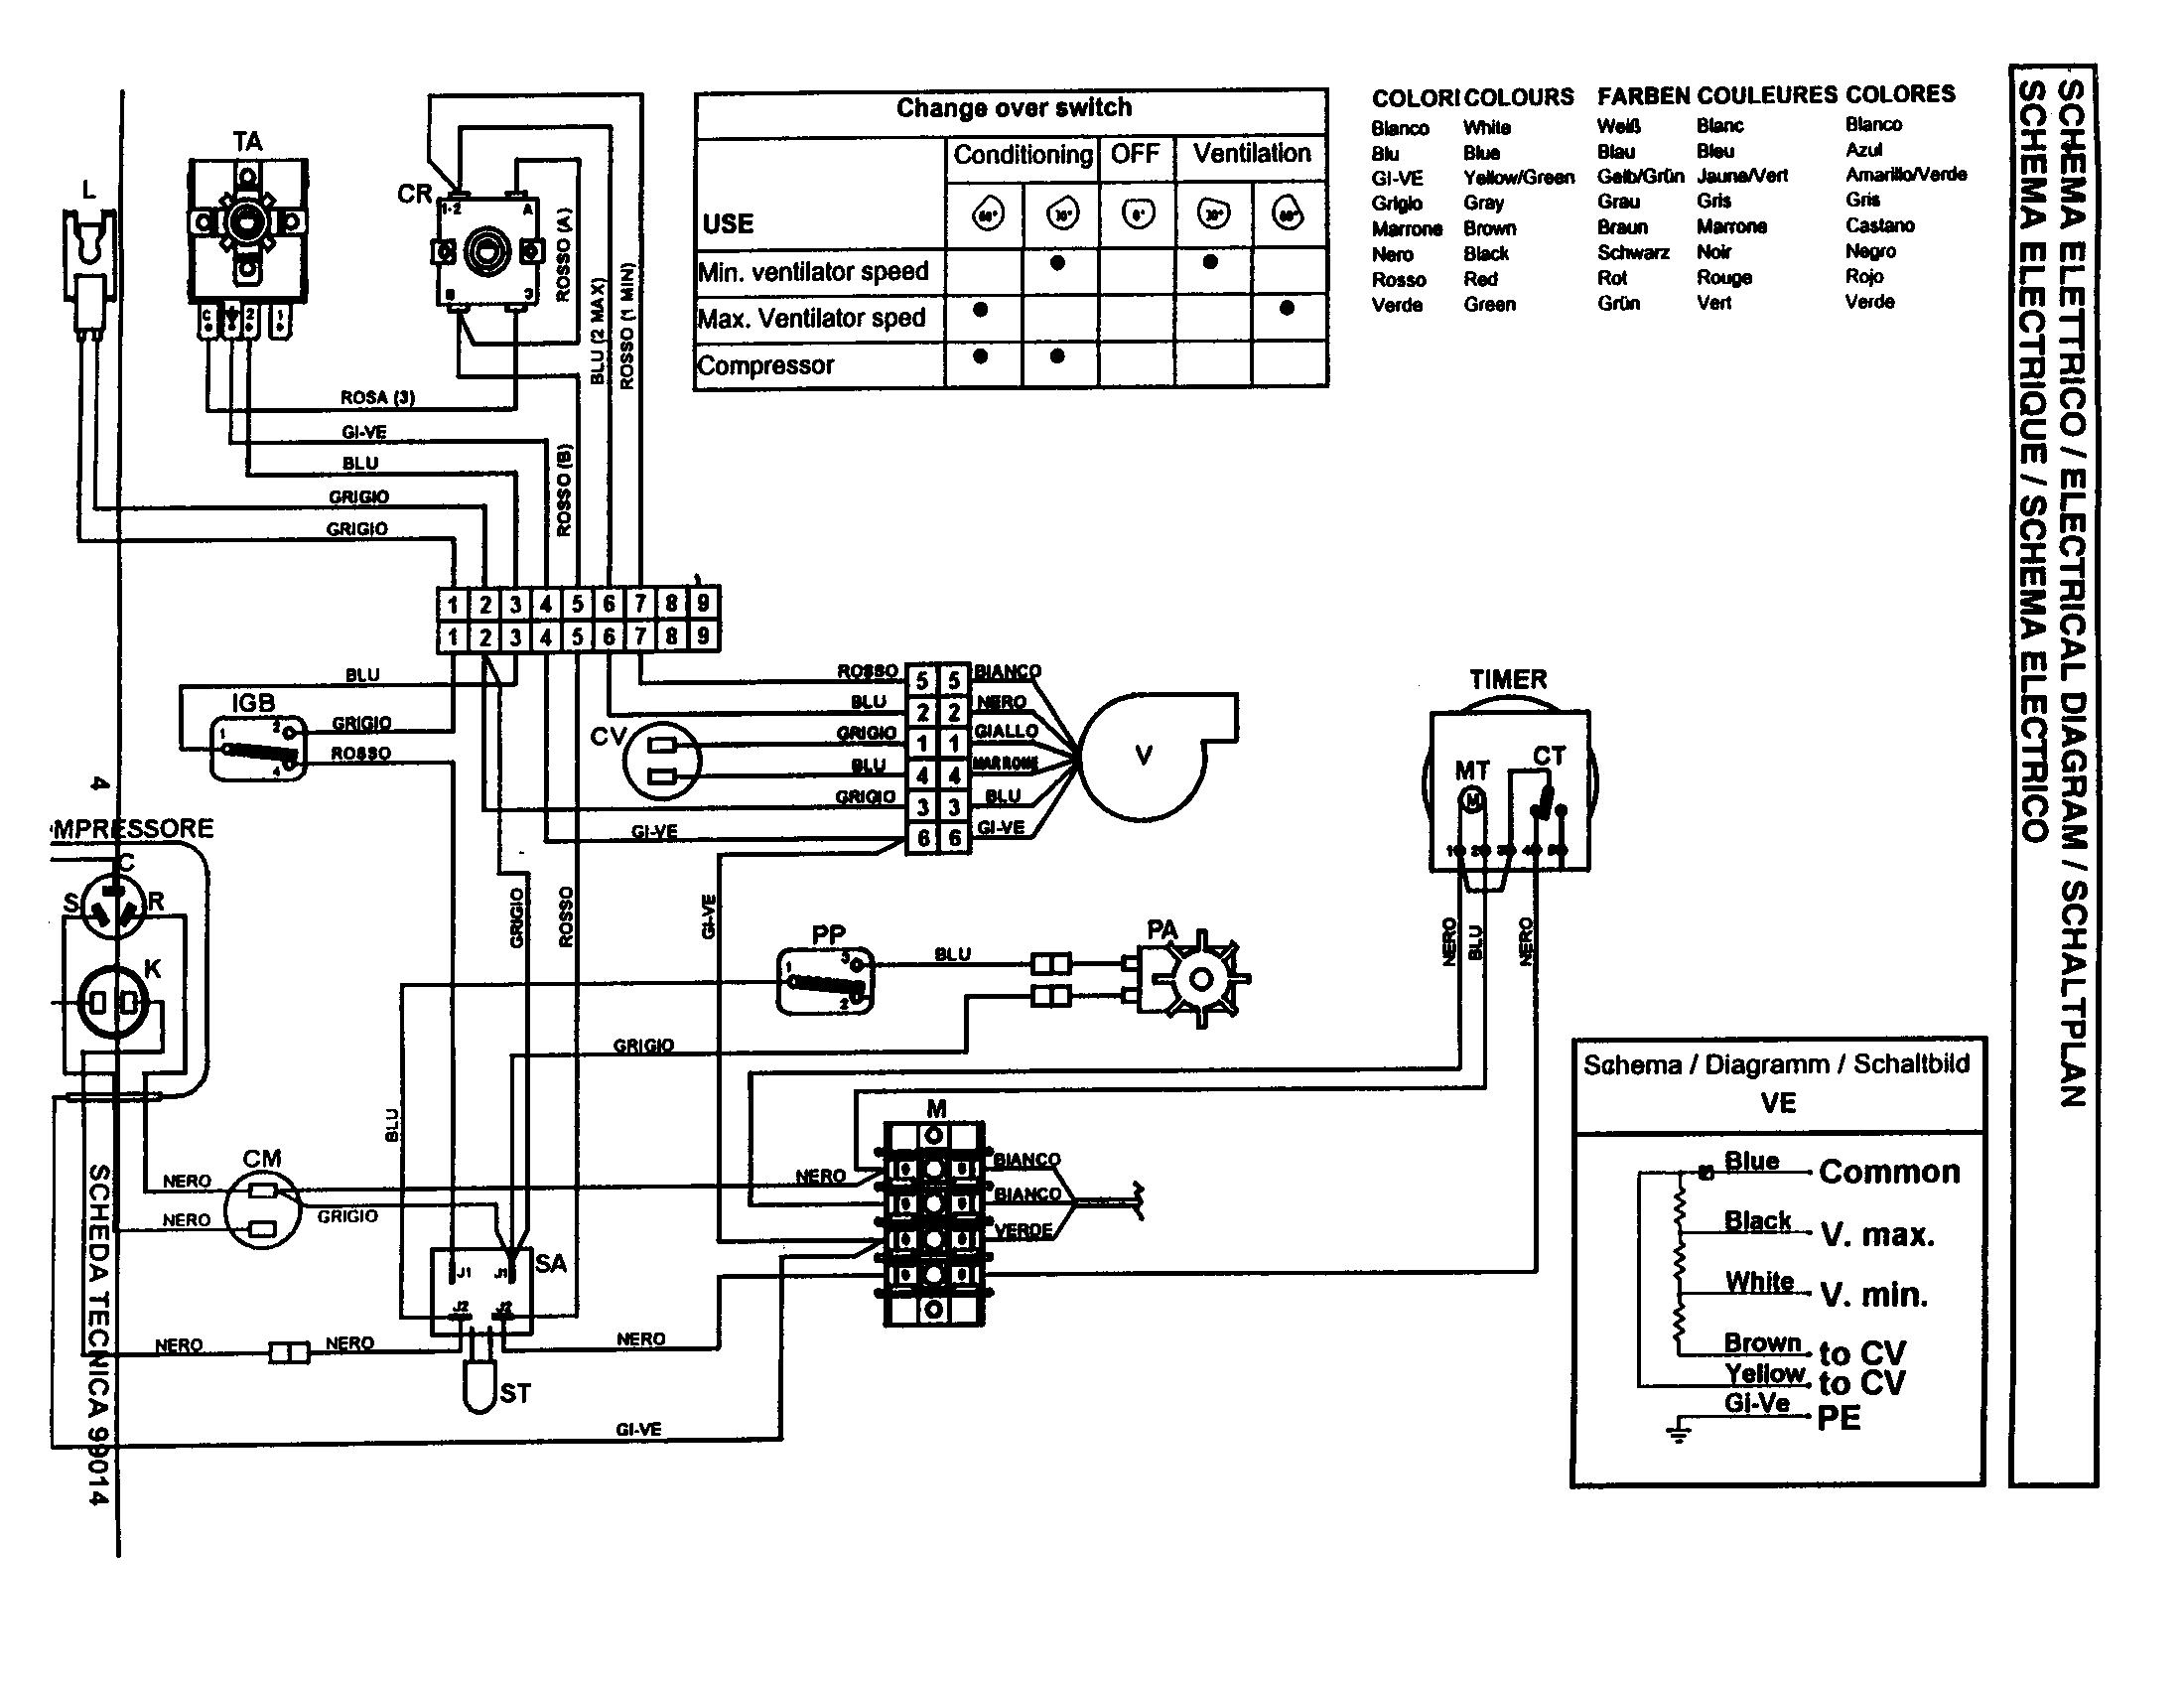 medium resolution of 2010 camaro ac schematic